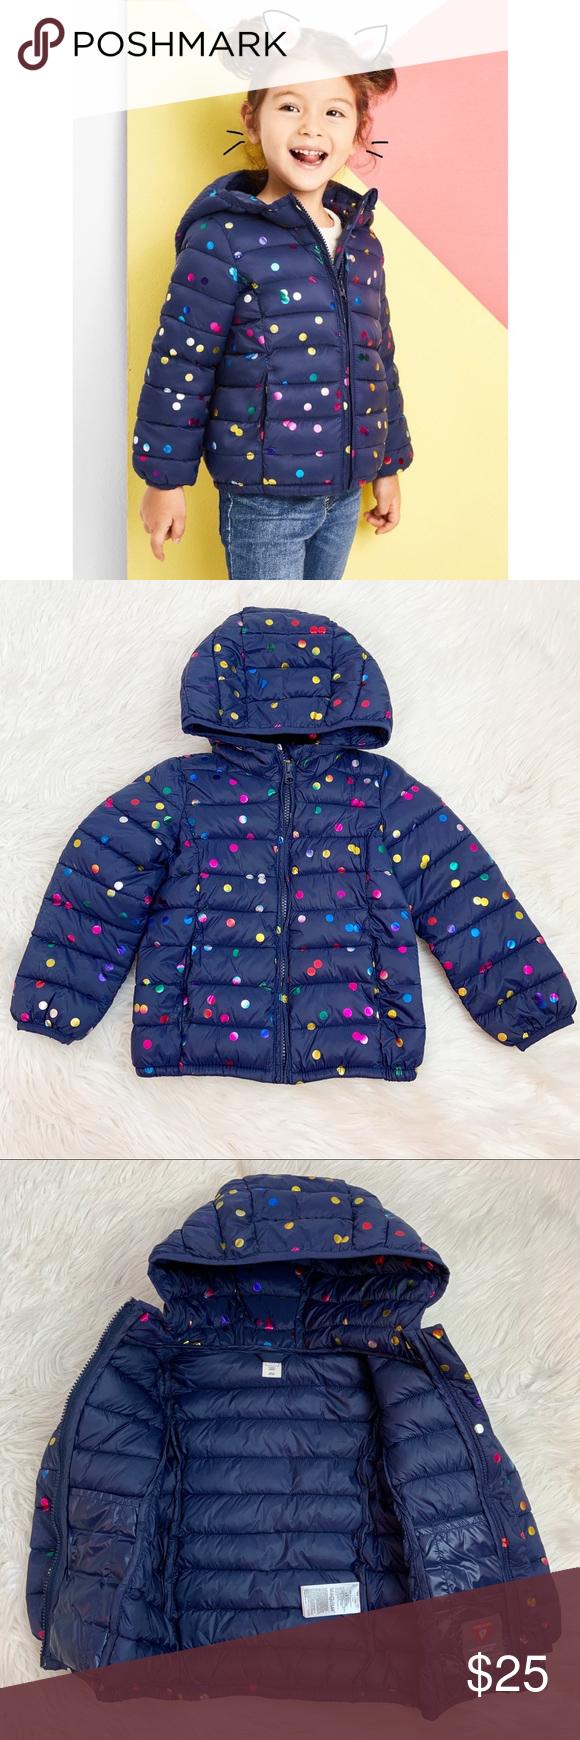 Girls Gap Kids Puffer Jacket Size 4 Toddler Coat Toddler Coat Kid Puffer Gap Kids [ 1740 x 580 Pixel ]